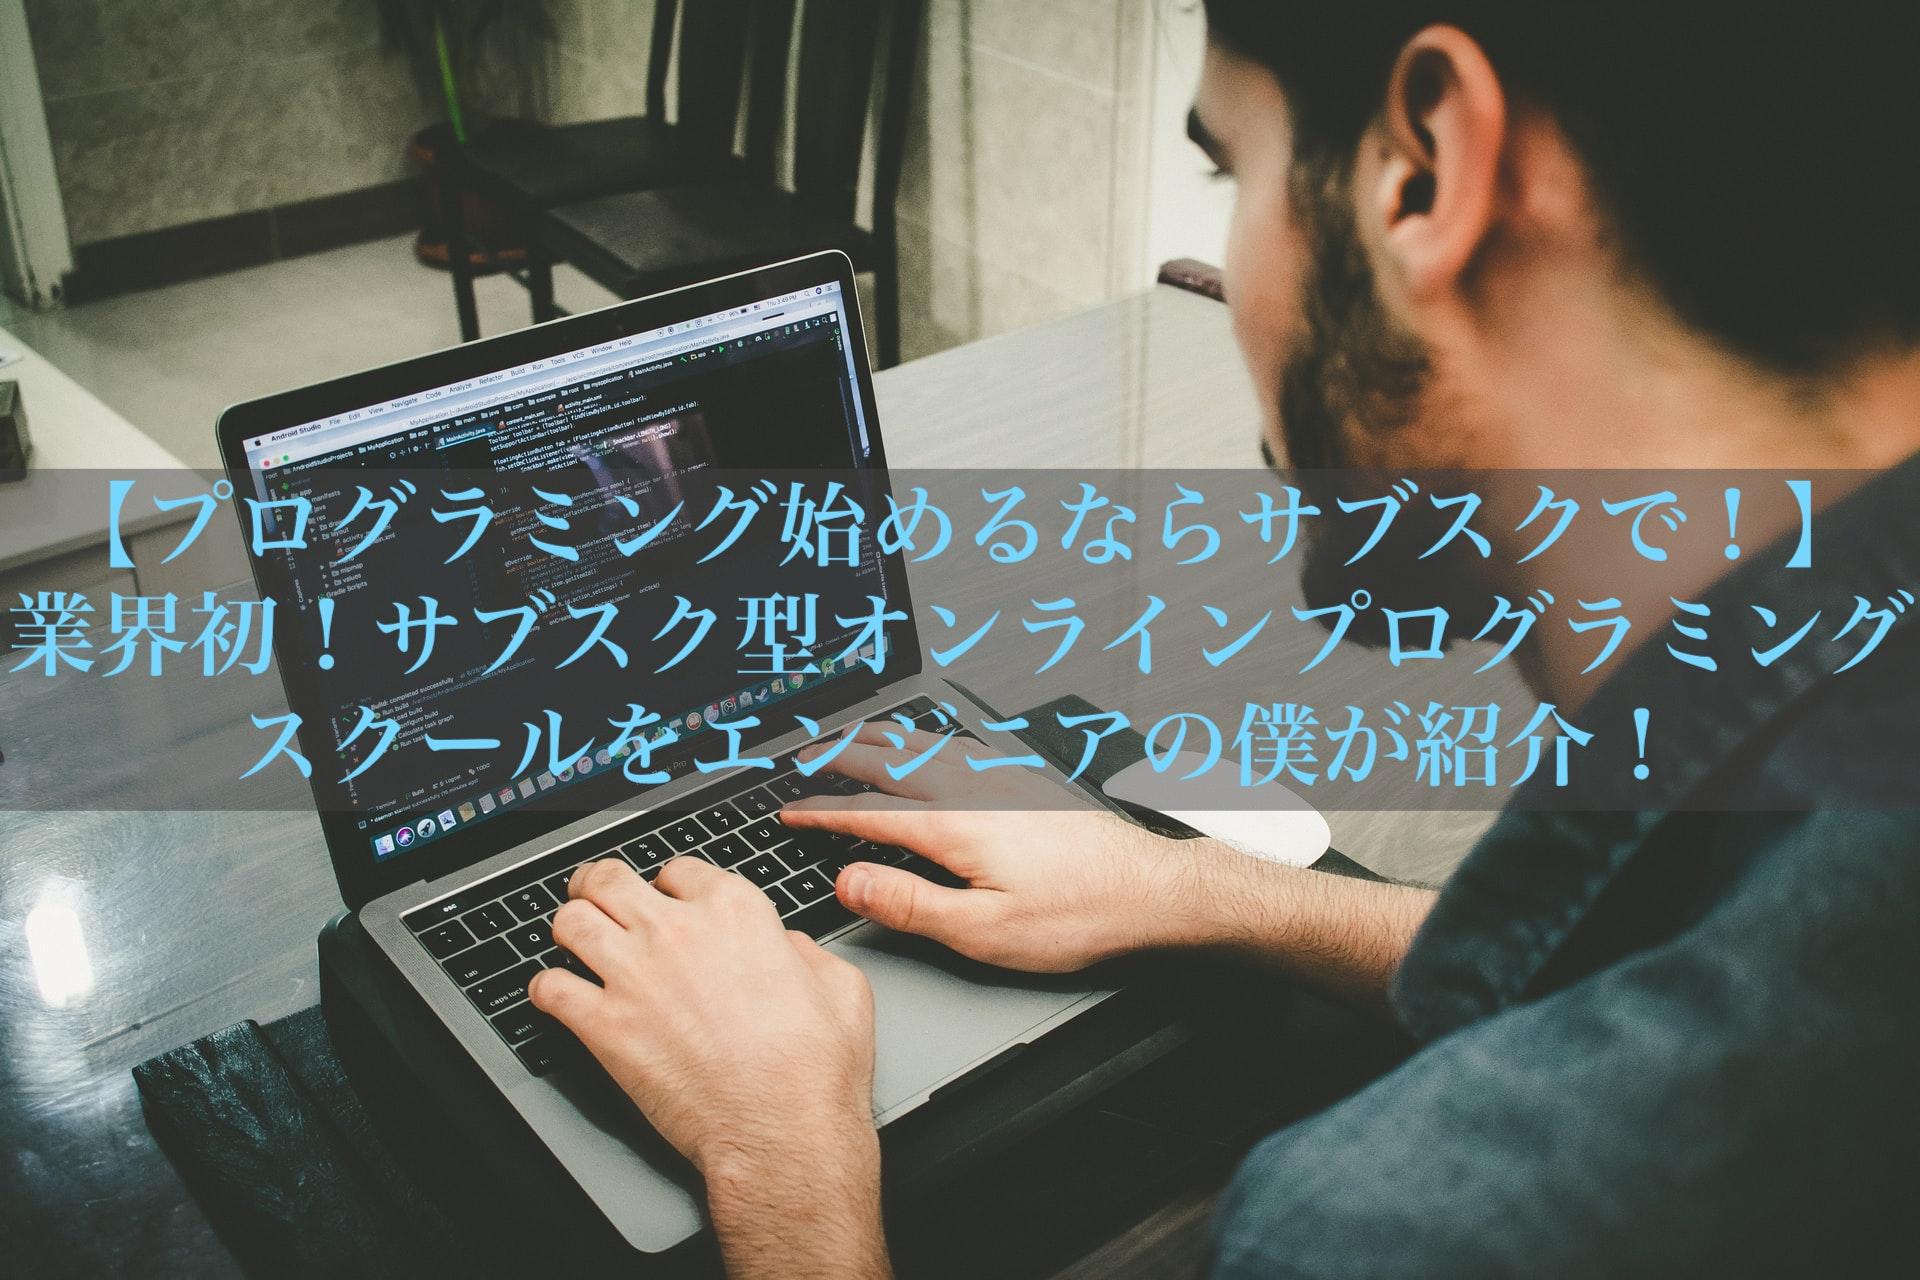 【プログラミング始めるならサブスクで!】業界初!サブスク型オンラインプログラミングスクールをエンジニアの僕が紹介!